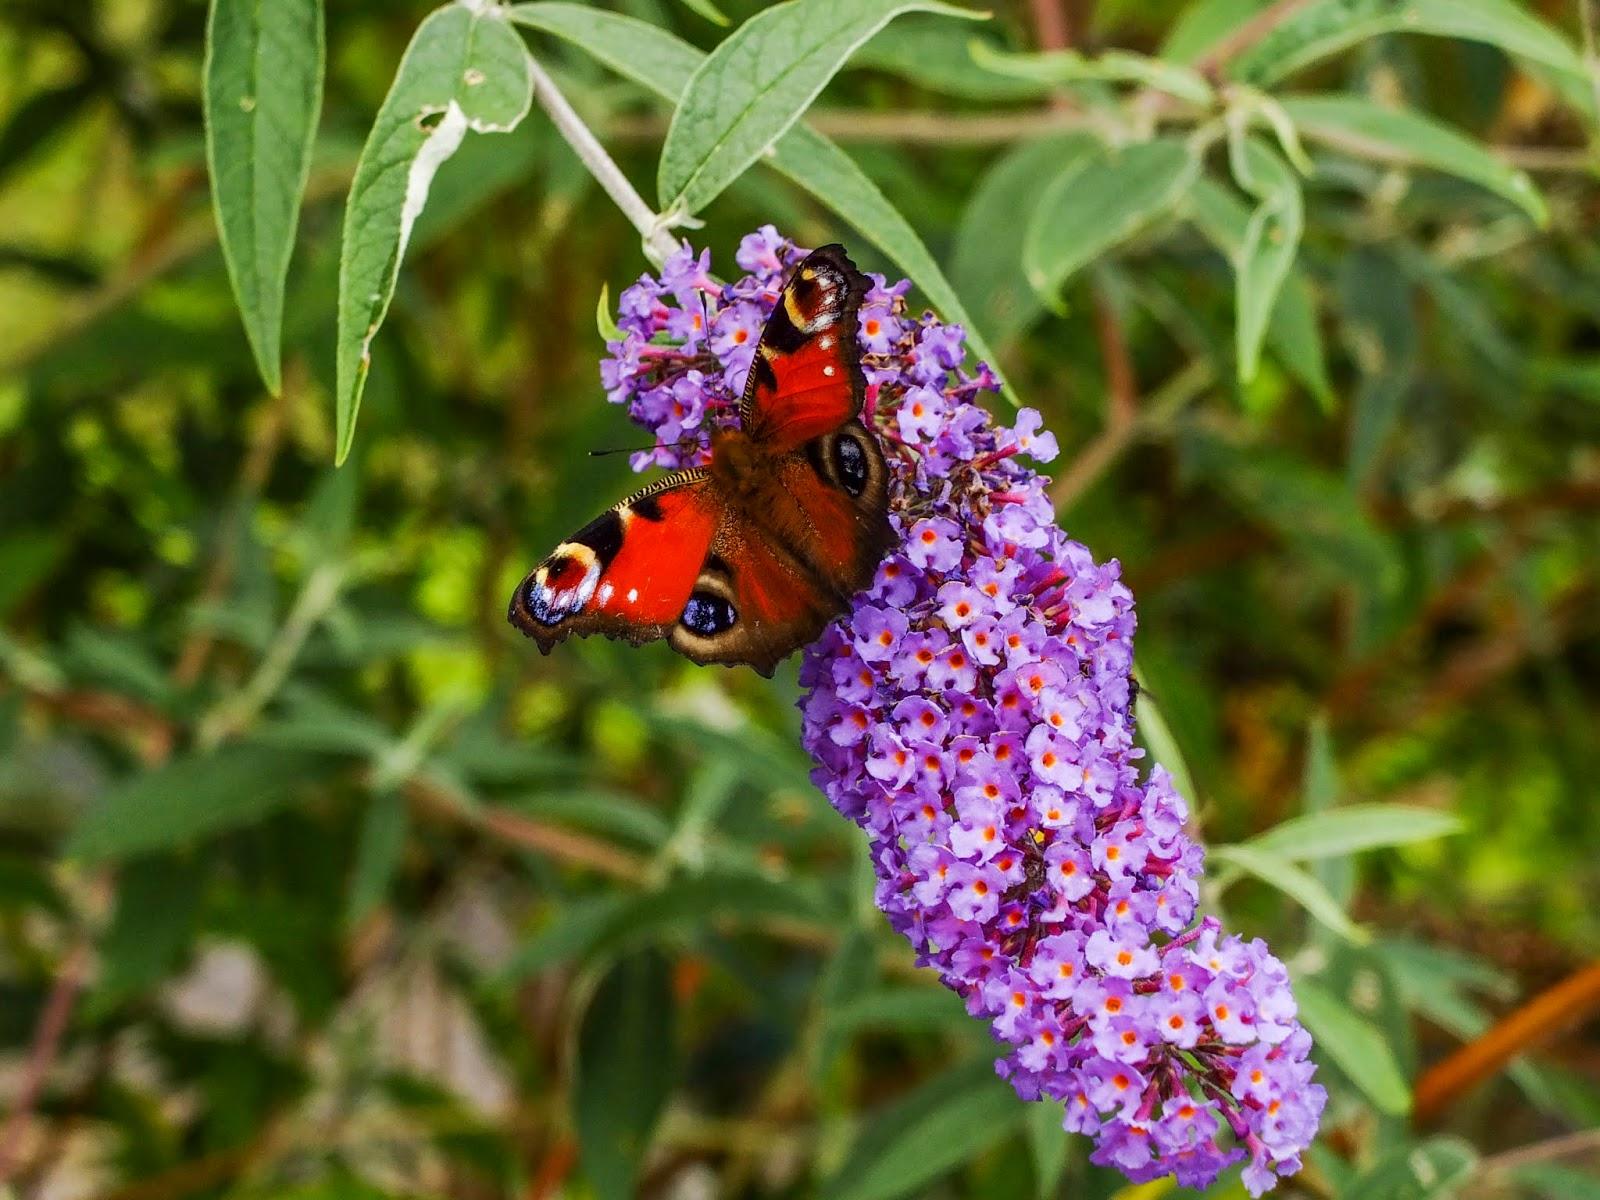 A butterfly sitting on a purple butterfly bush flower cone.